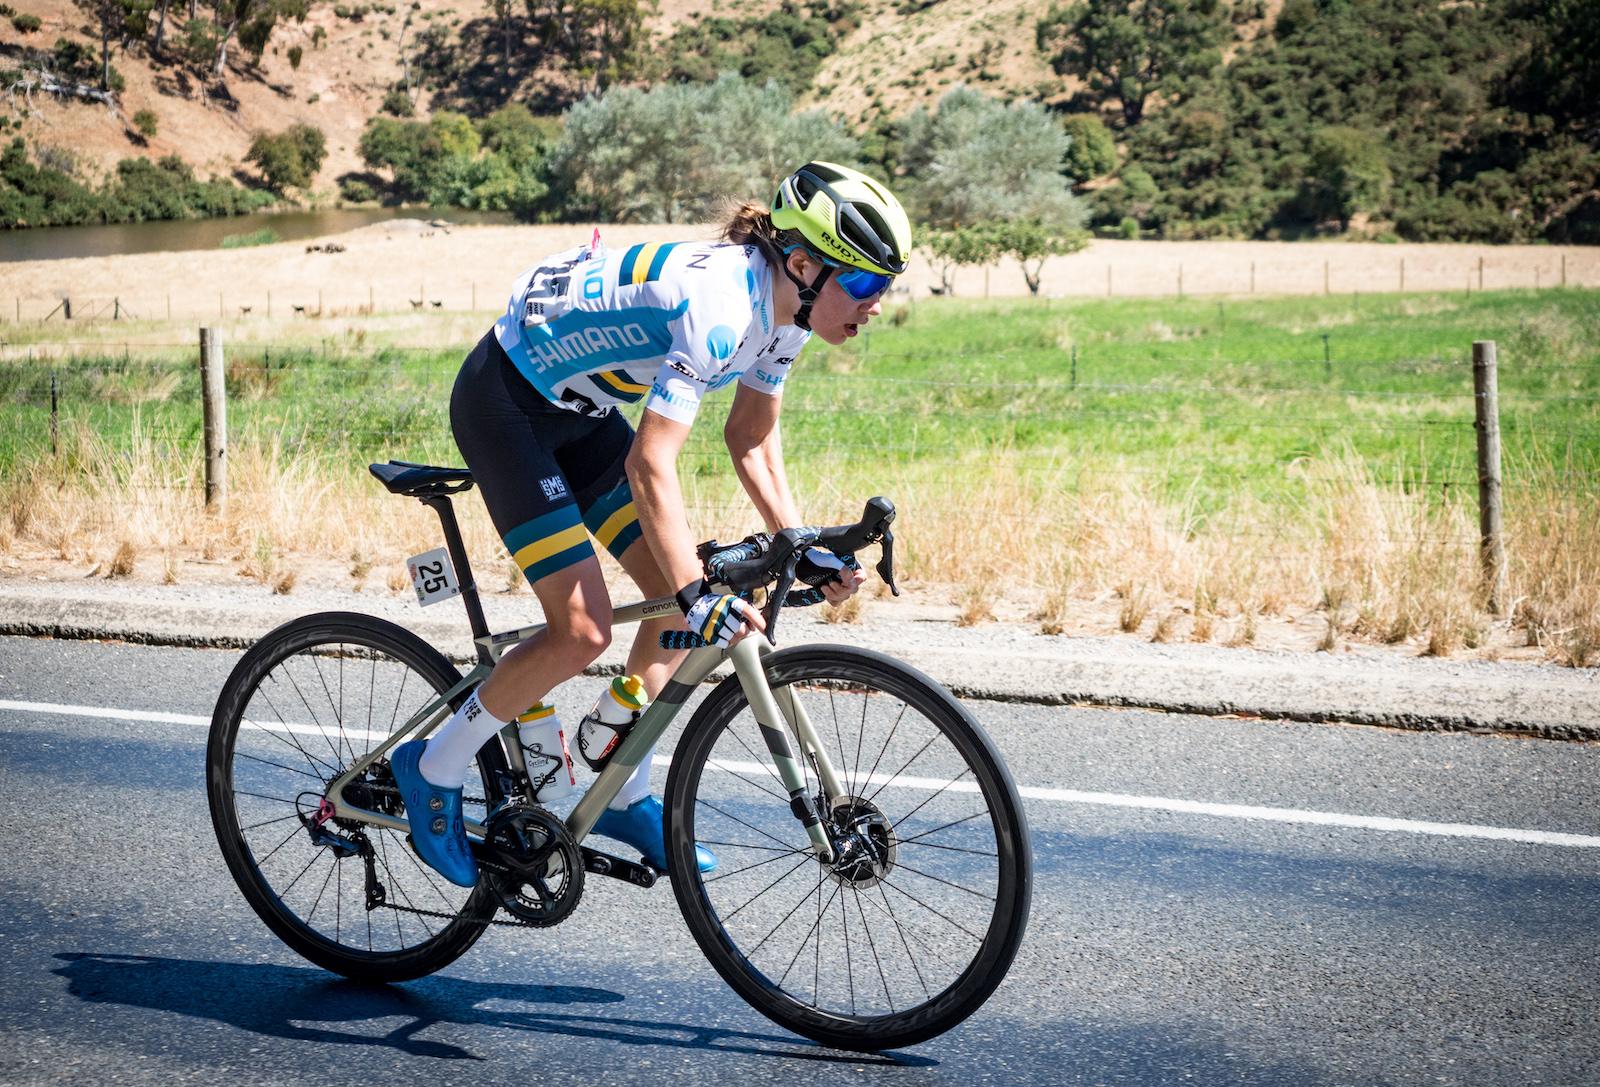 Gigante y Plapp ganan la etapa 2 del Festival de Ciclismo de Santos